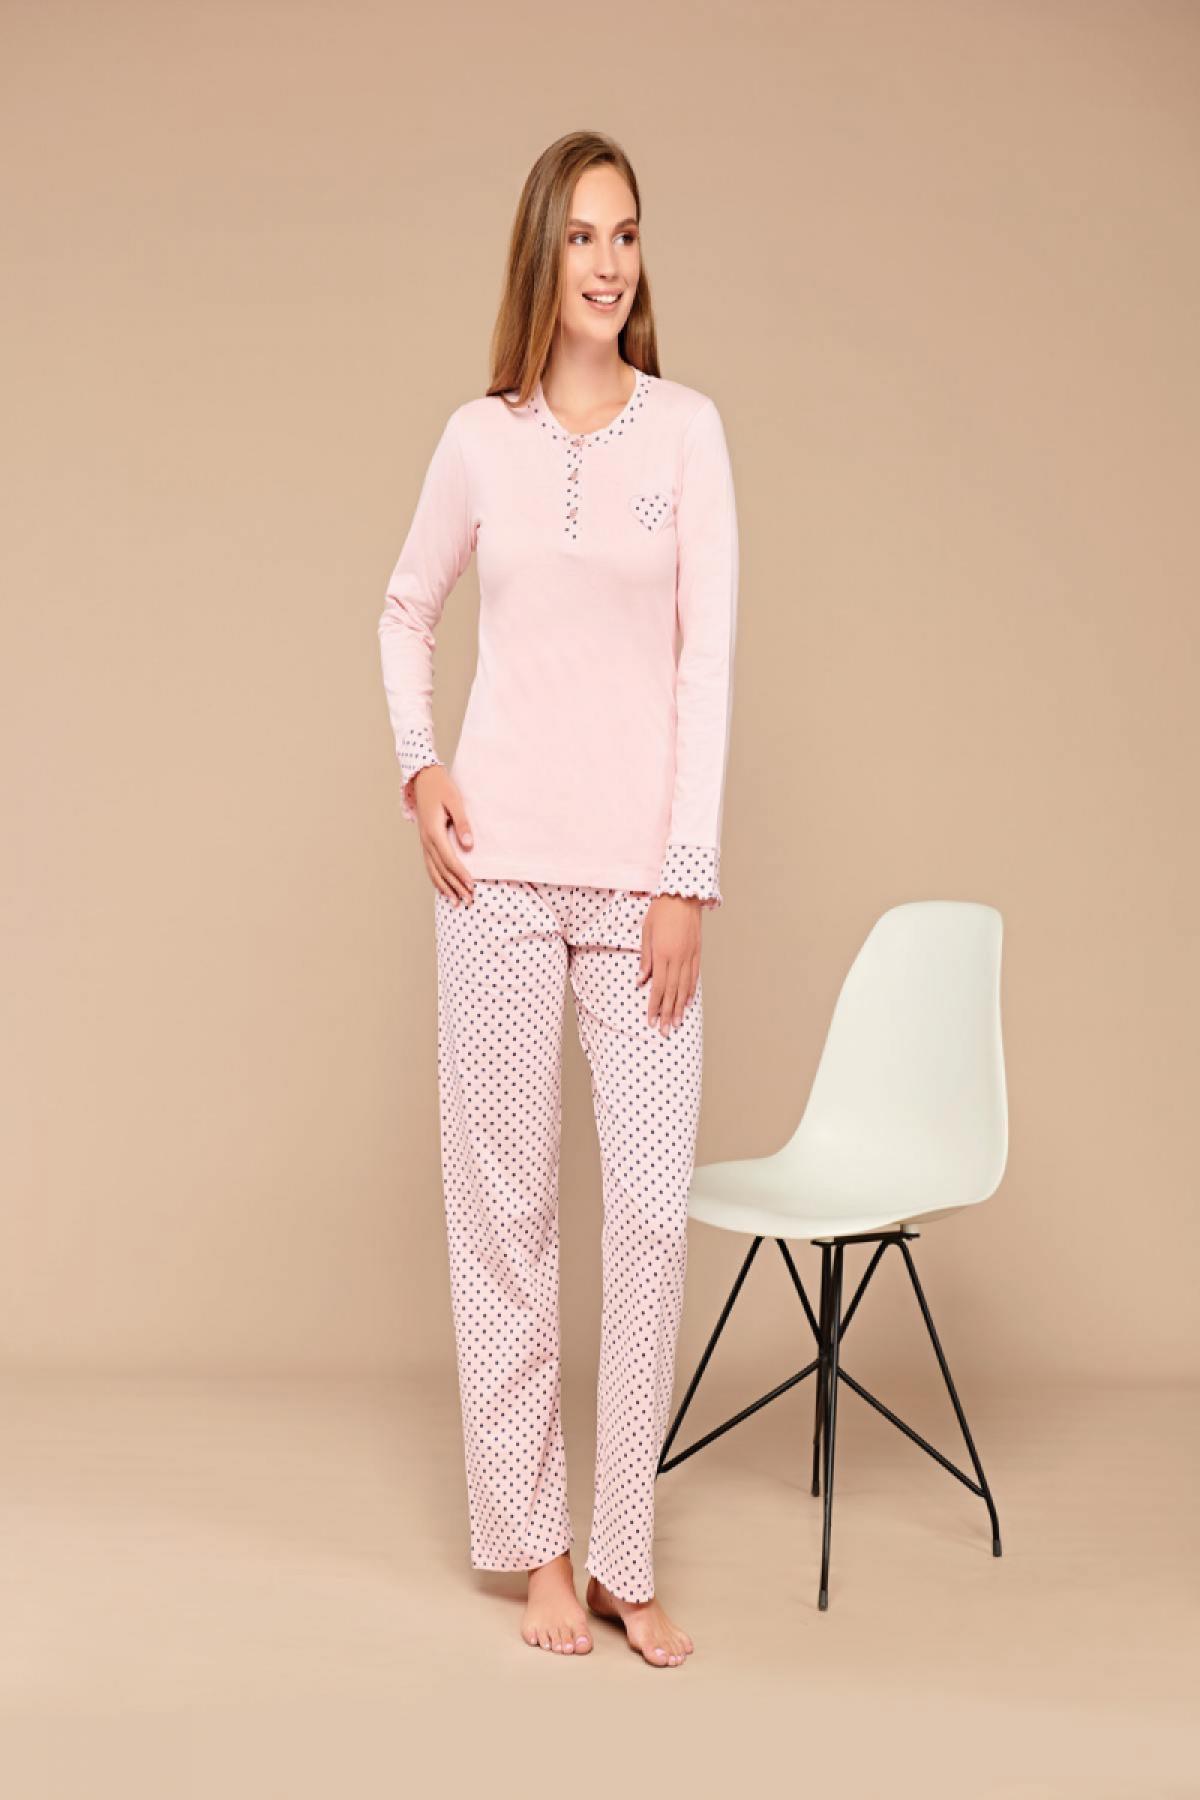 Fapi Kadın Pijama Takımı Uzun Kol Kalp Detaylı Puantiye Desenli - Pudra Pembe